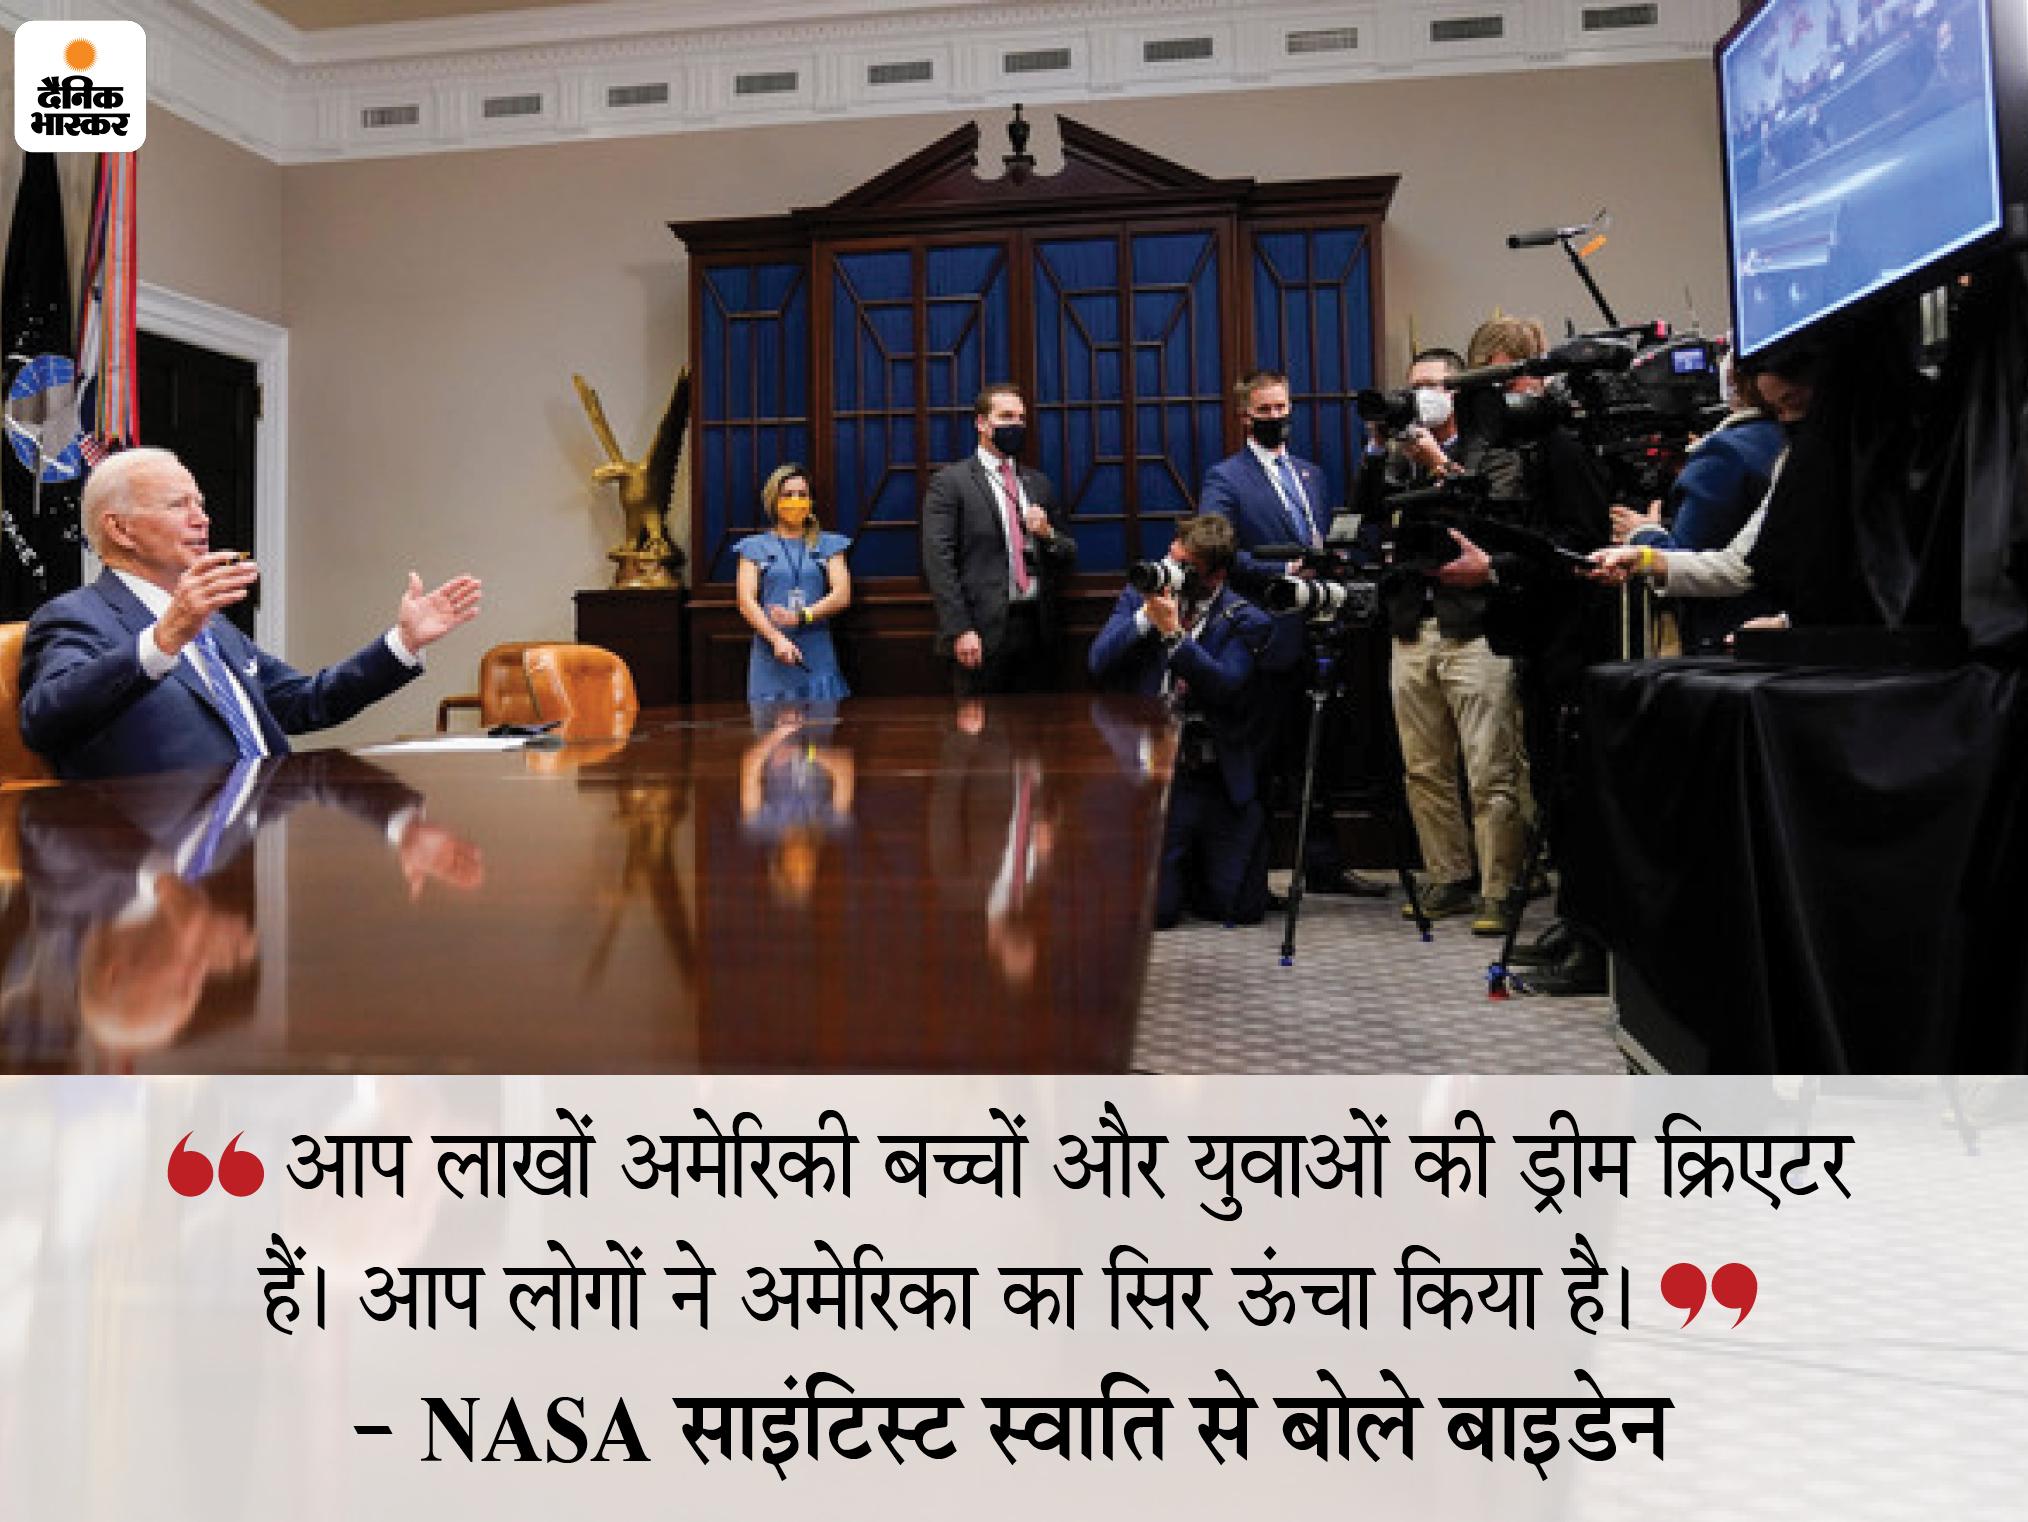 बाइडेन ने पर्सीवरेंस की लैंडिंग में शामिल स्वाति से कहा- आप भारतीय अद्भुत हैं, आपने US का आत्मविश्वास बढ़ाया विदेश,International - Dainik Bhaskar